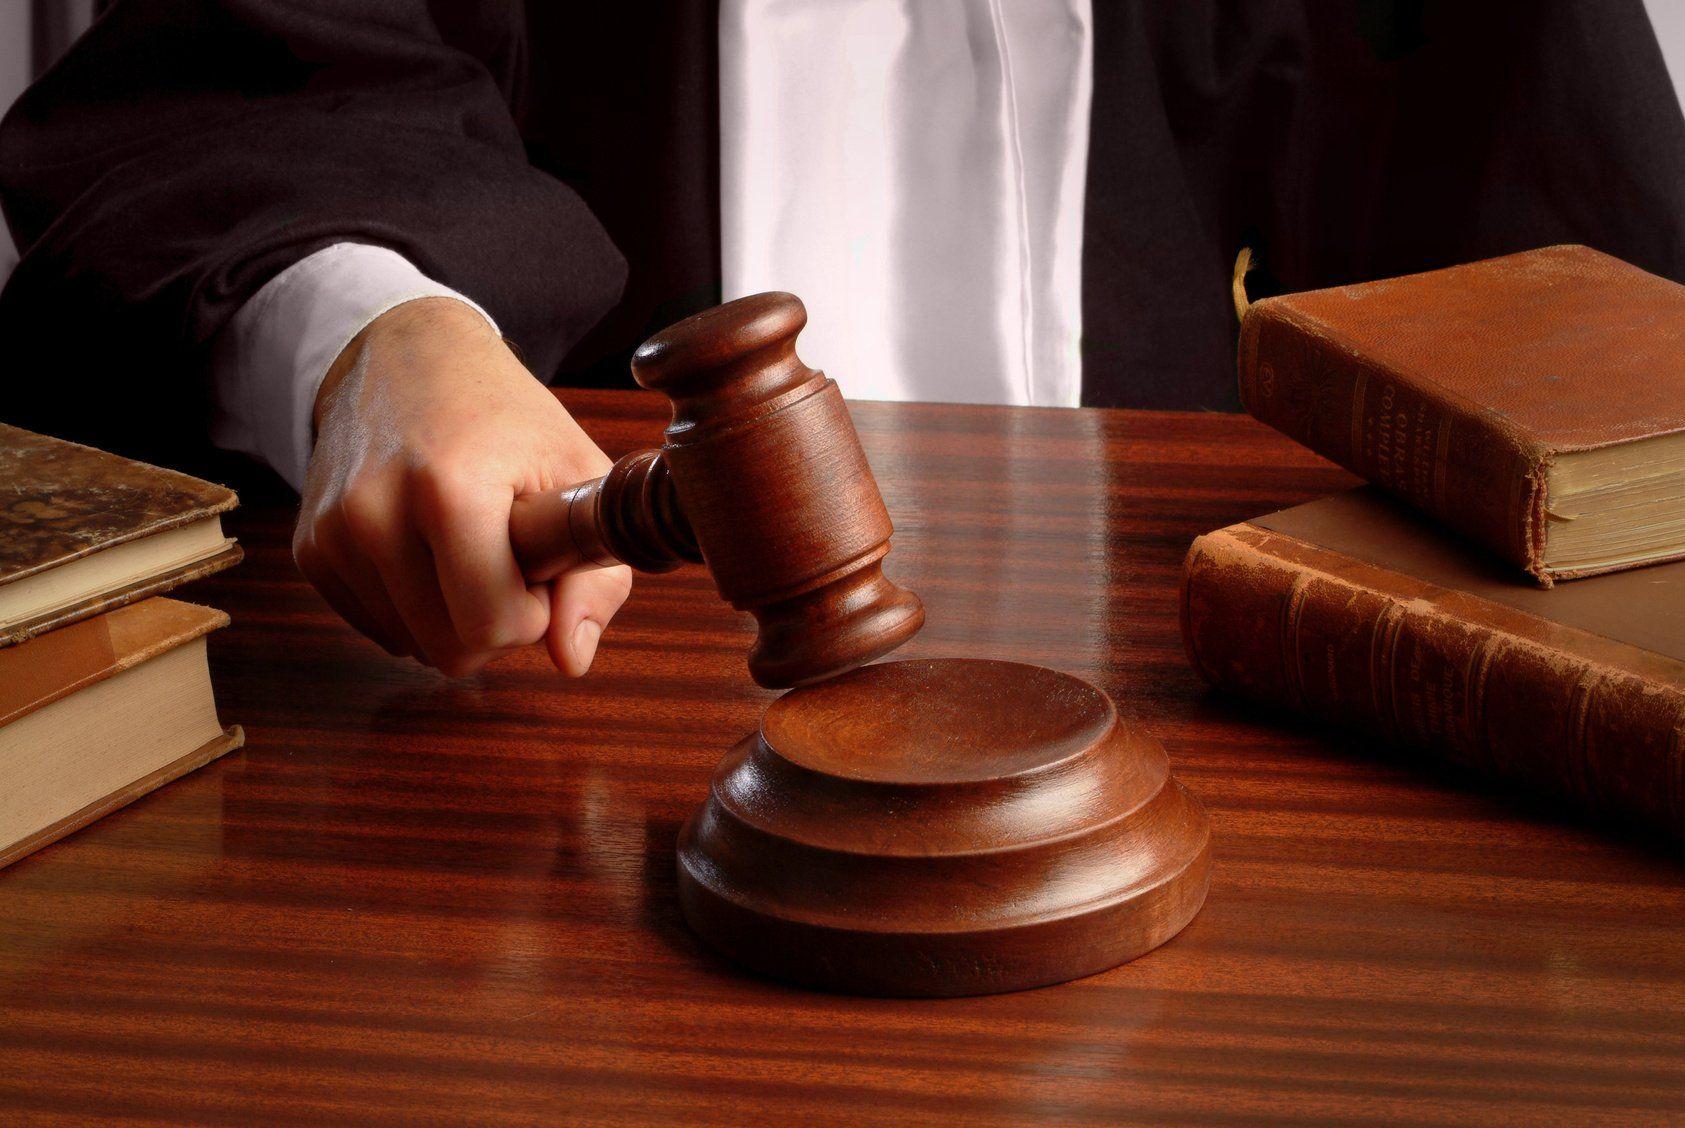 Директору предприятия грозит до пяти лет тюрьмы за гибель несовершеннолетнего в Якутске